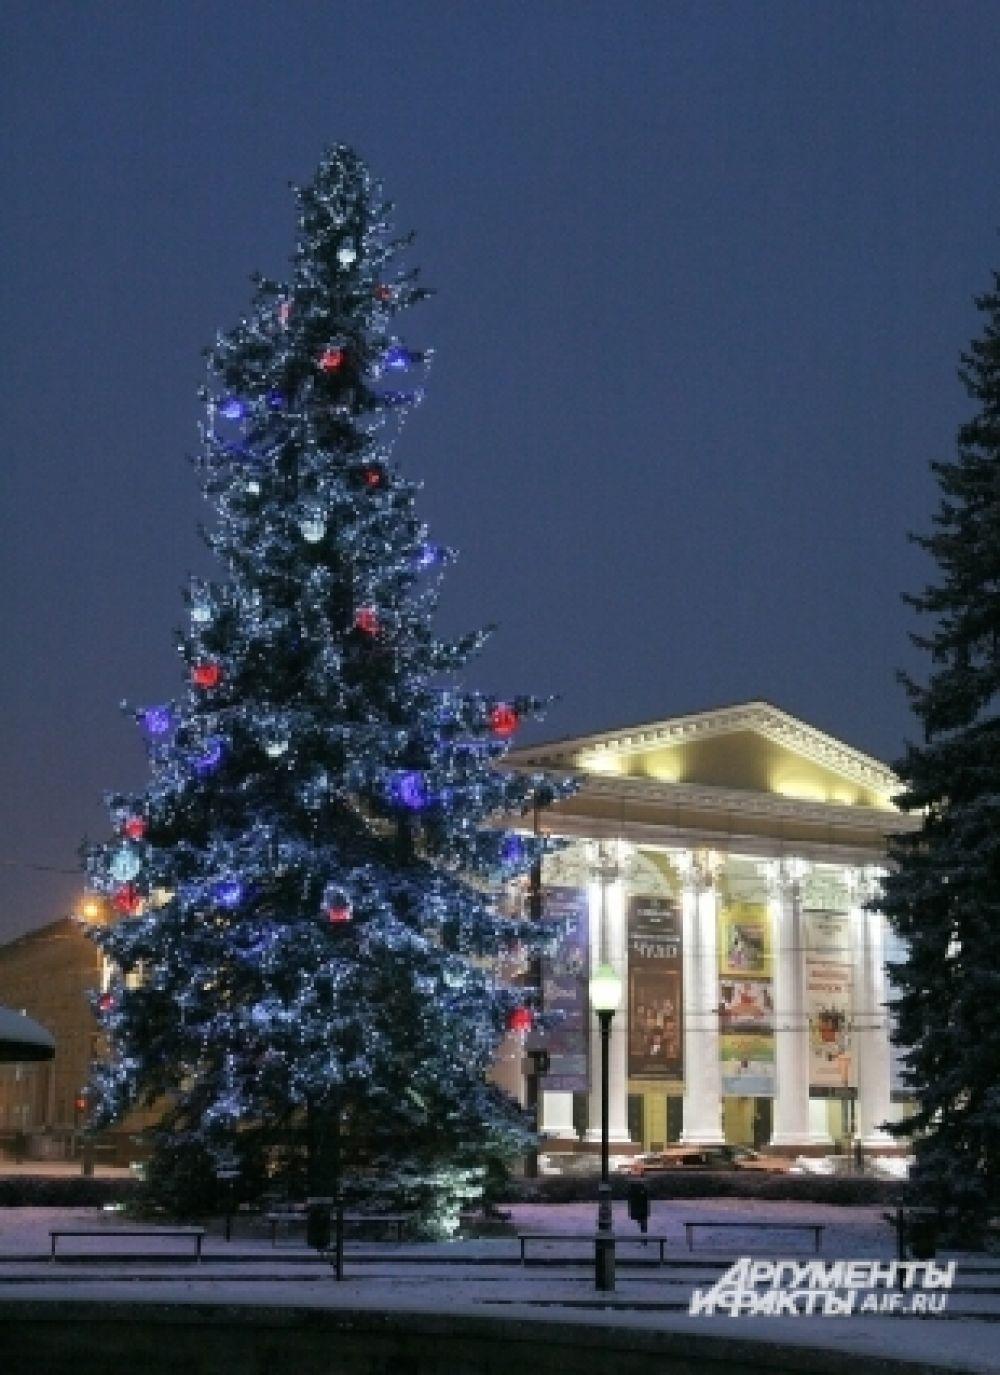 Традиционно украсили елки возле Драмтеатра.